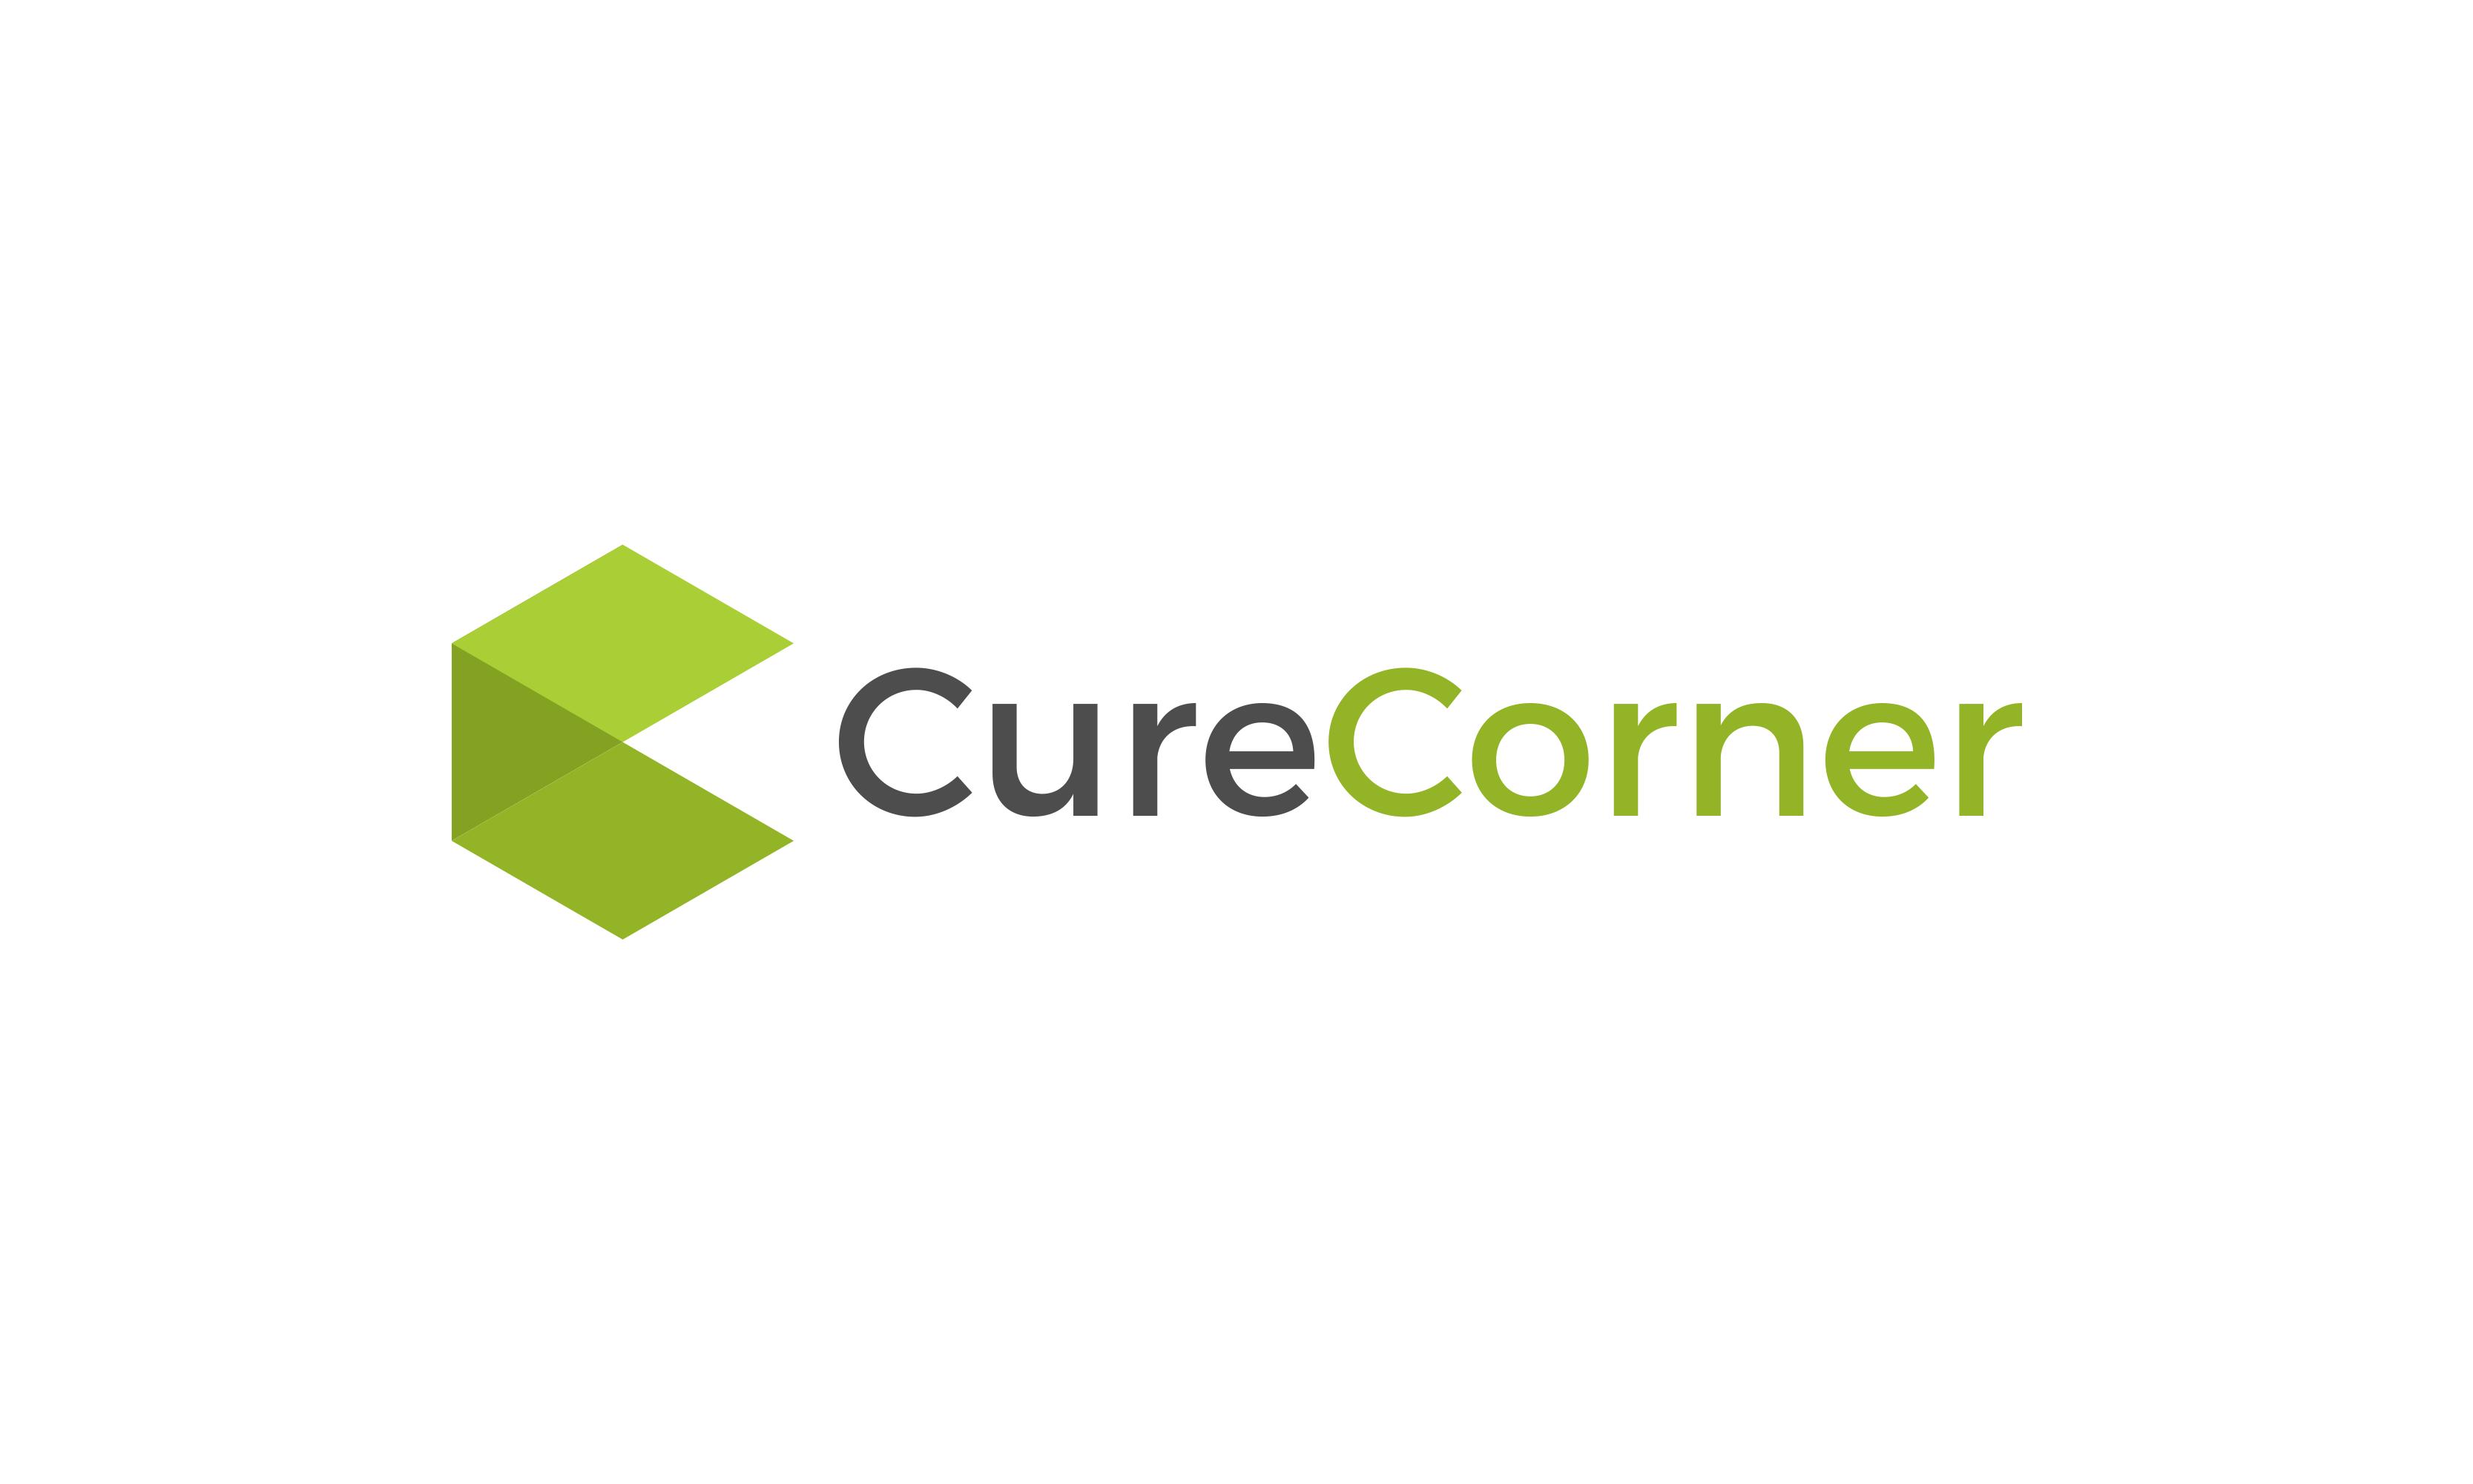 Curecorner